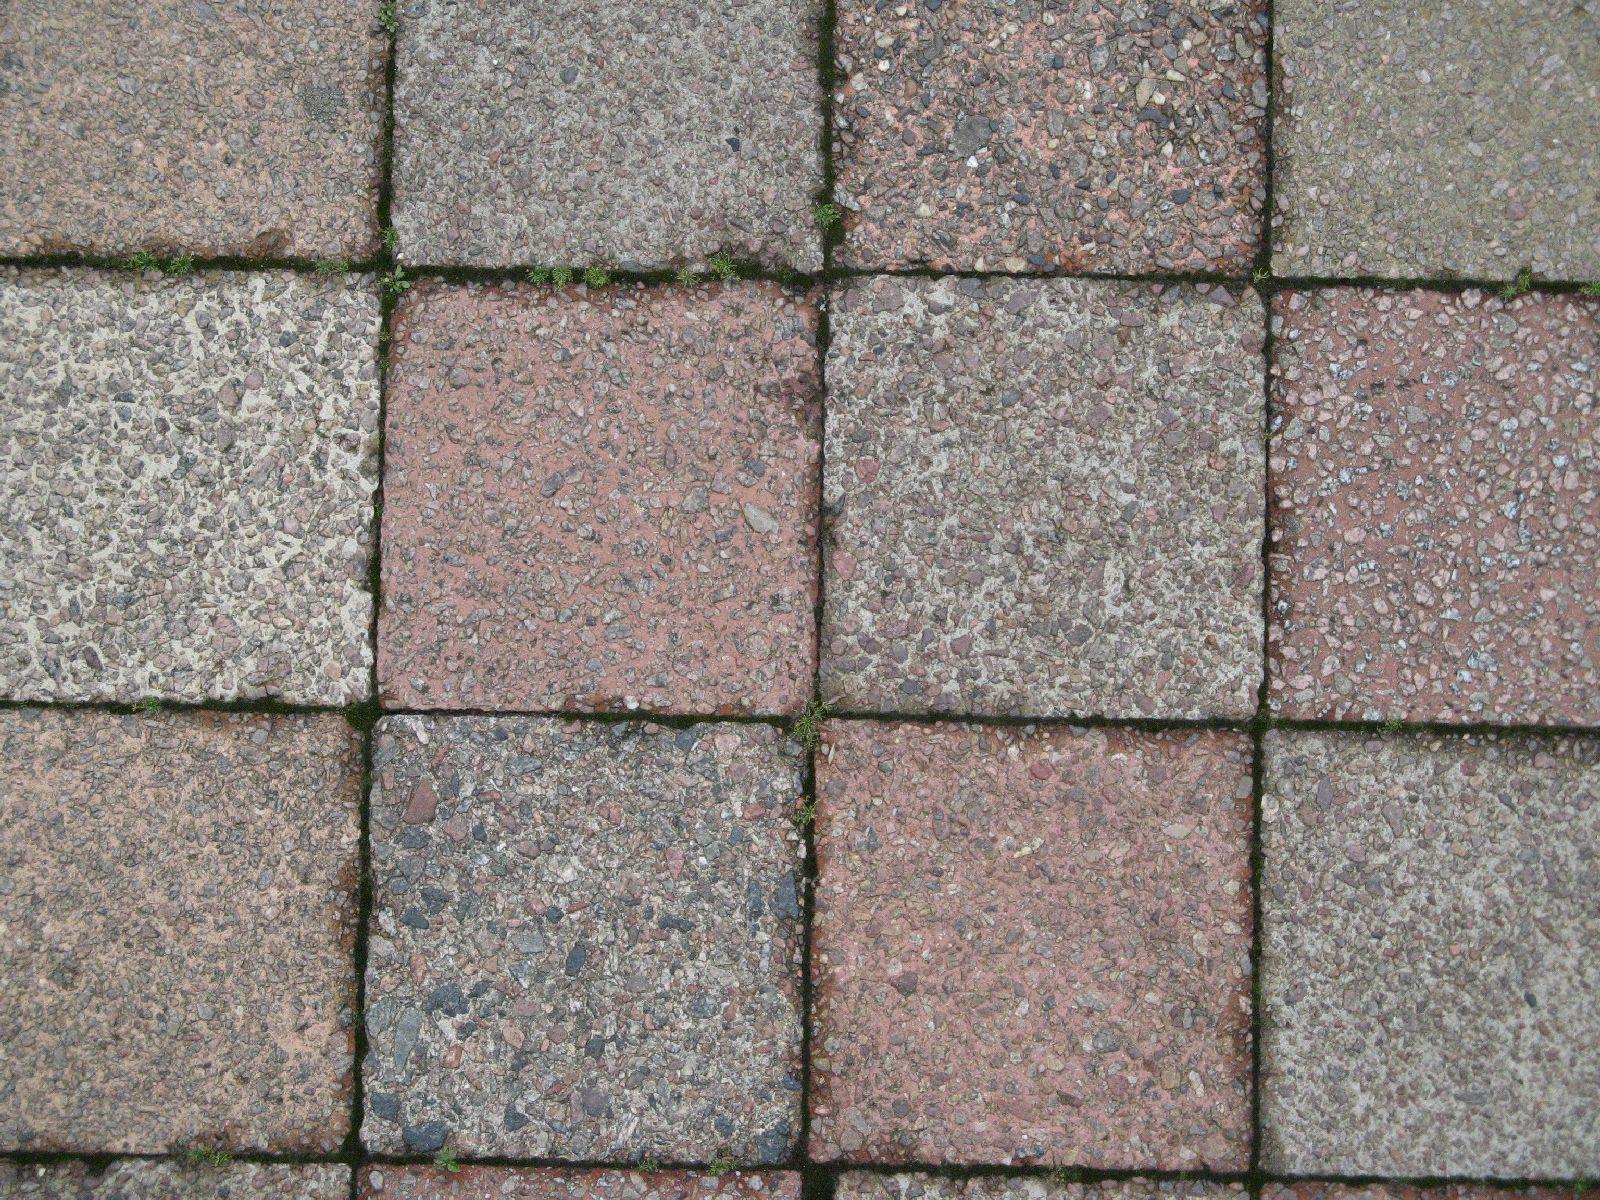 Ground-Urban_Texture_B_0478